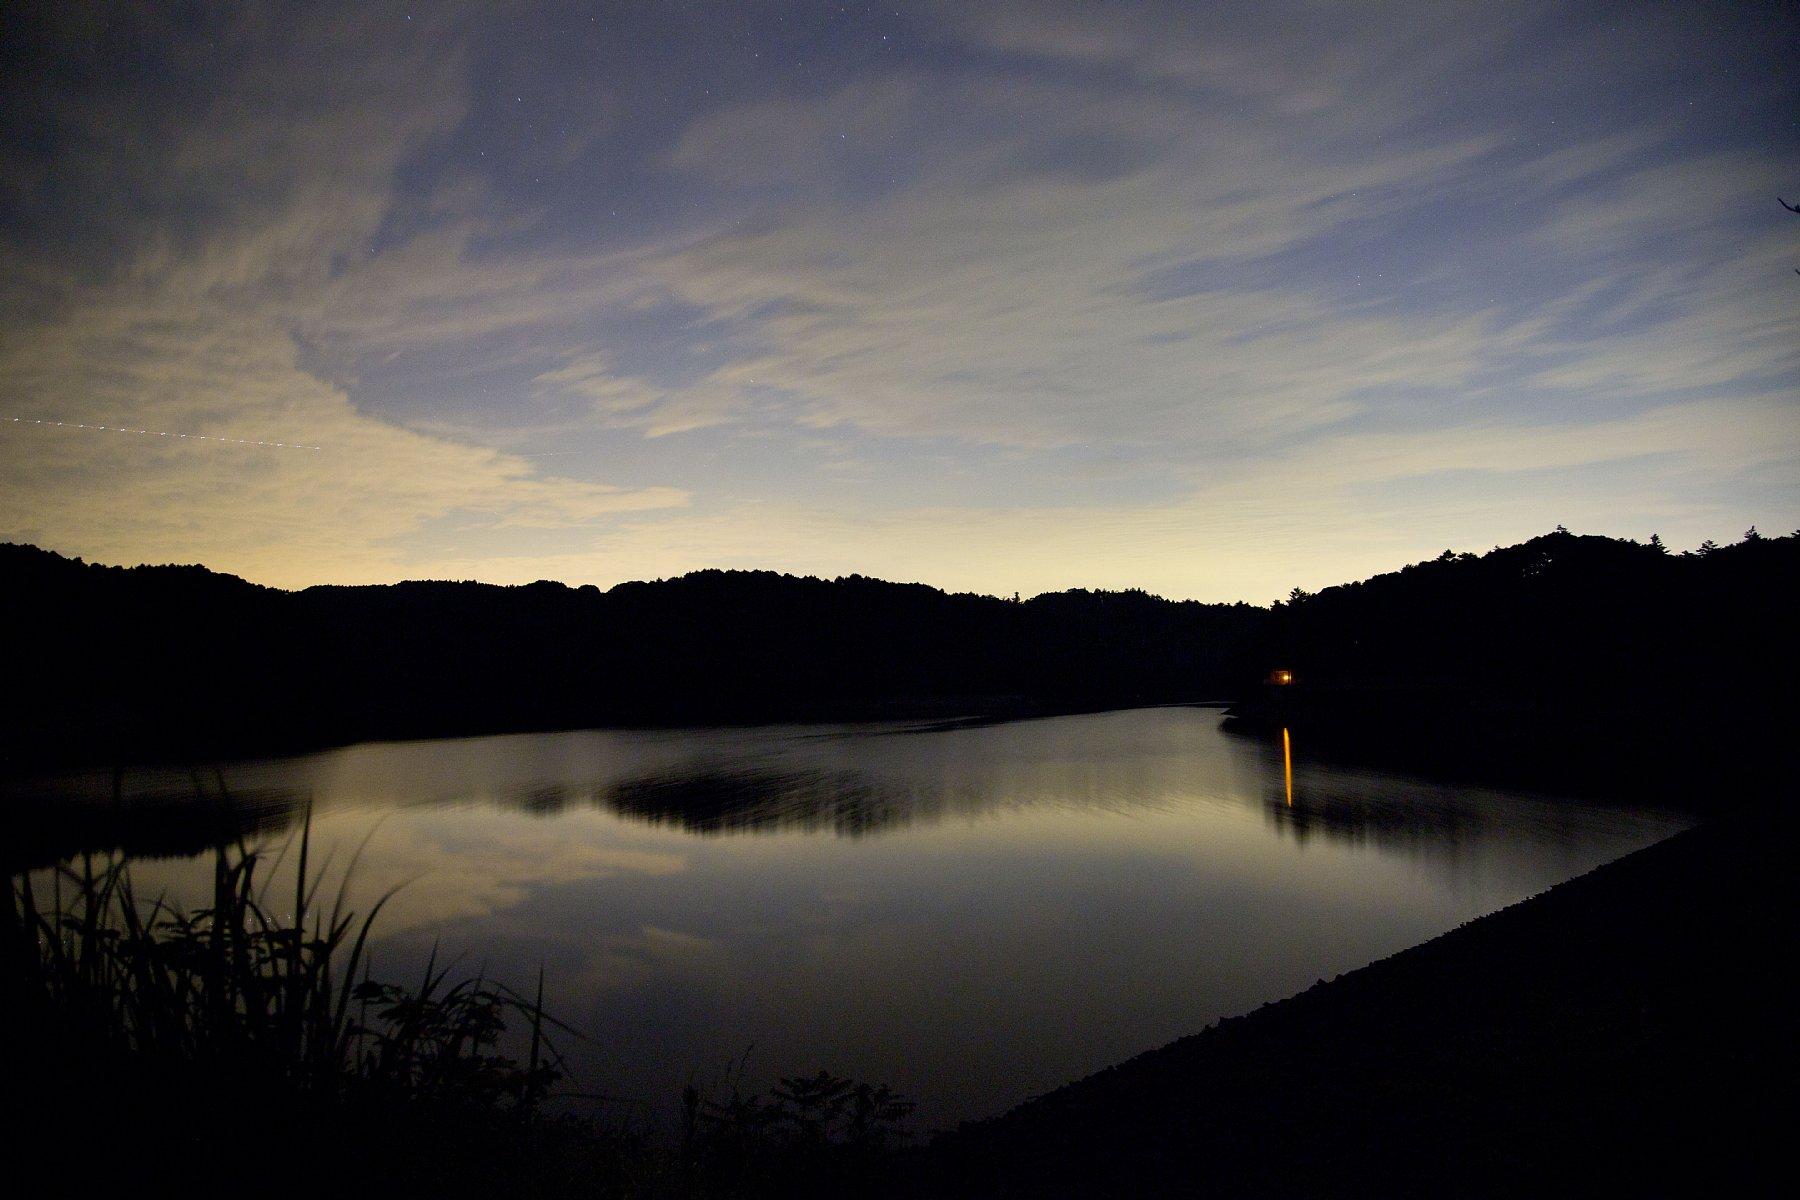 【星撮&波乗遠征】千葉鴨川~勝浦② ―2日目―